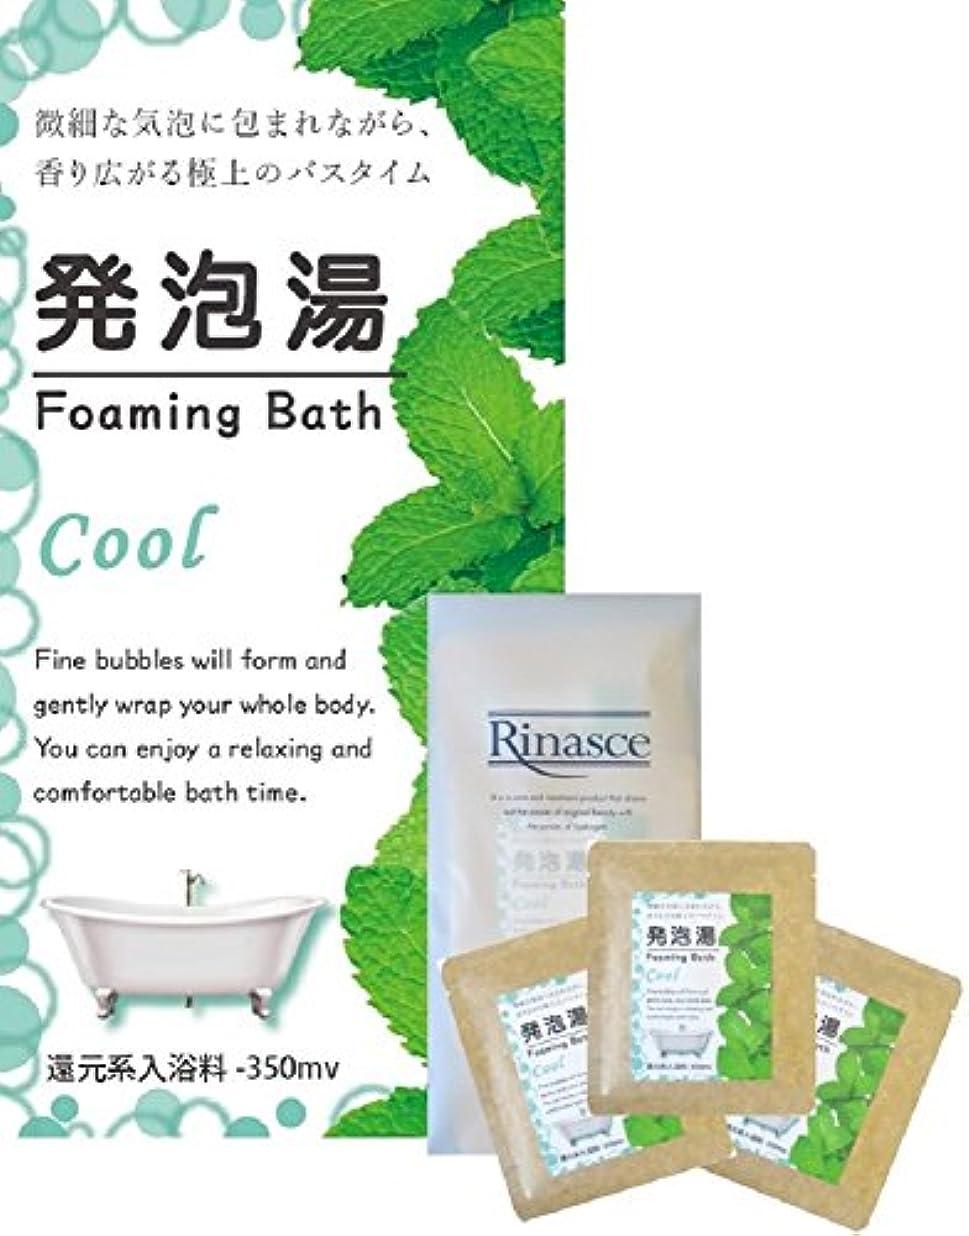 ドラッグボンド符号【ゆうメール対象】発泡湯(はっぽうとう) Foaming Bath Cool クール 40g 3包セット/微細な気泡に包まれながら香り広がる極上のバスタイム